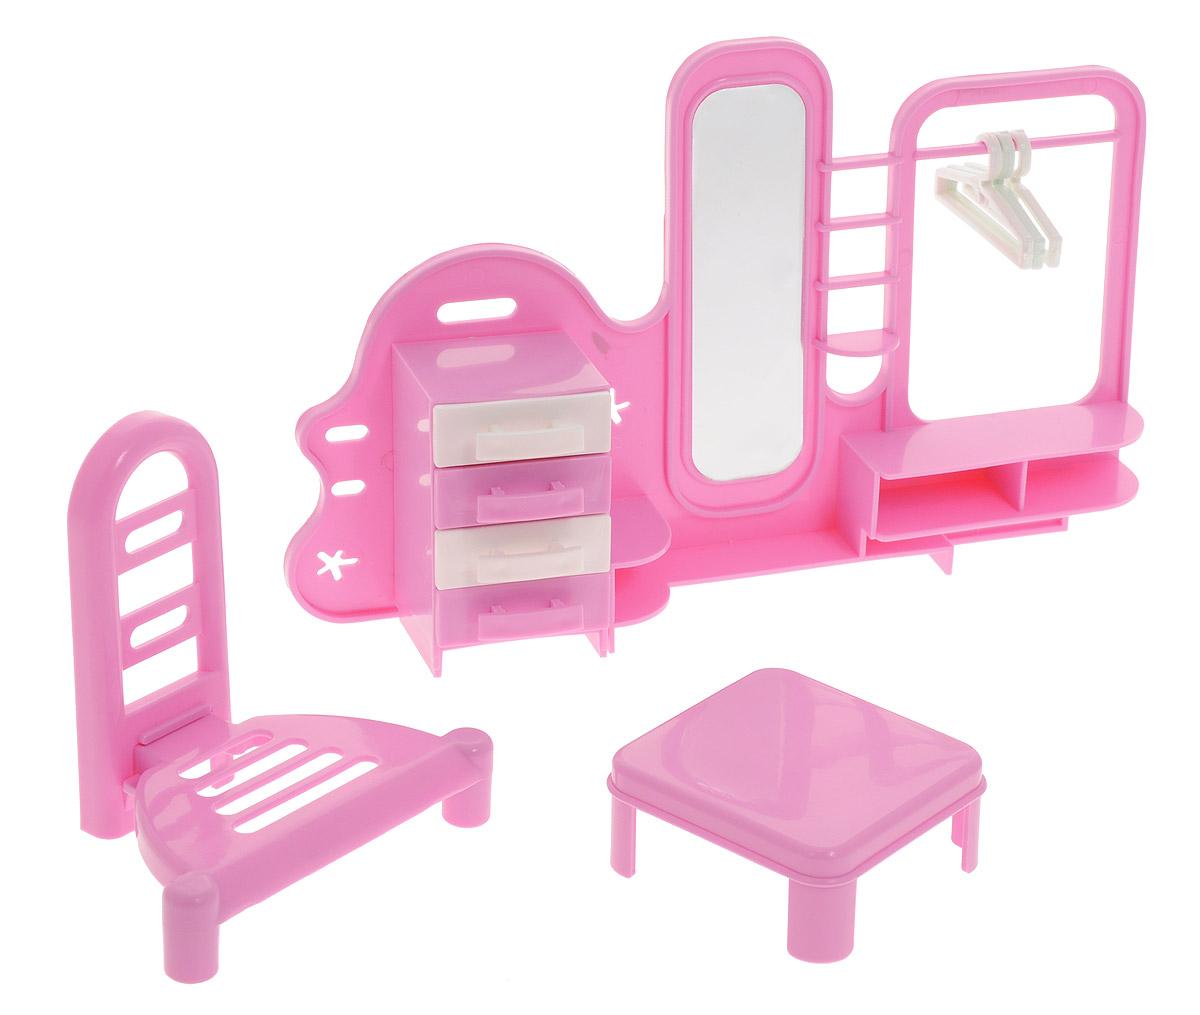 Форма Набор мебели для кукол Прихожая набор мебели для прихожей пикассо 3 1